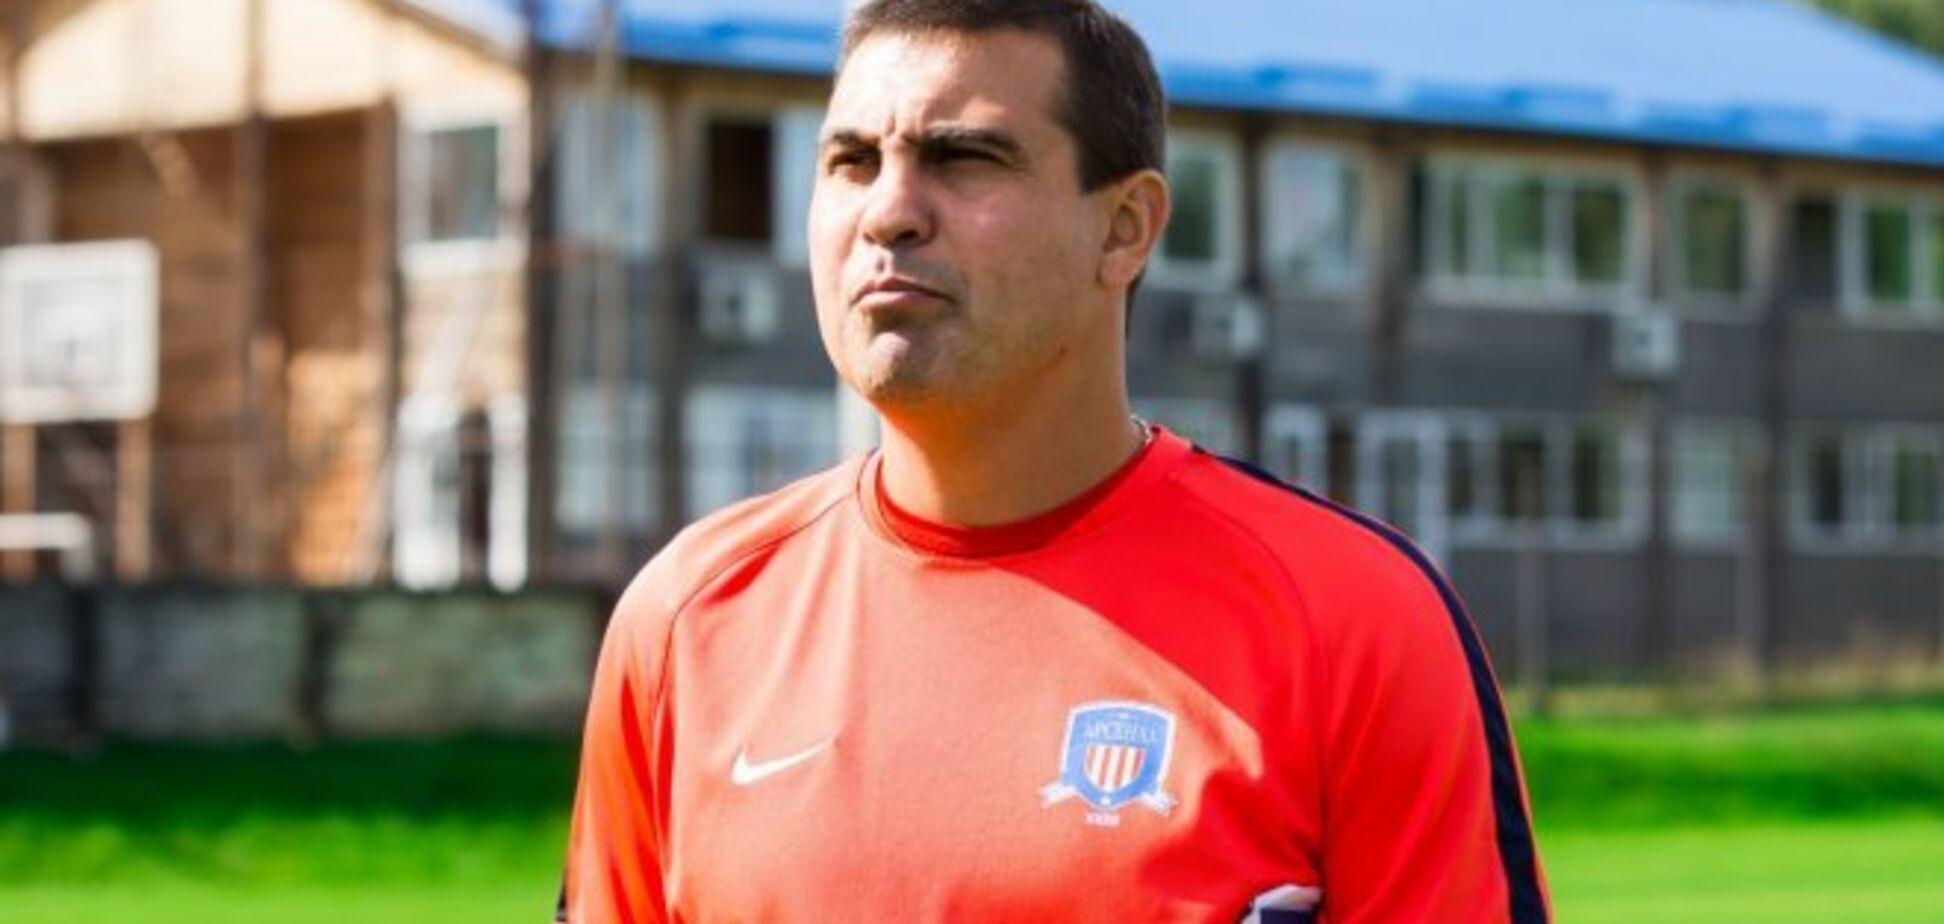 'Повне свавілля': клуб УПЛ тримає тренера 'в полоні'